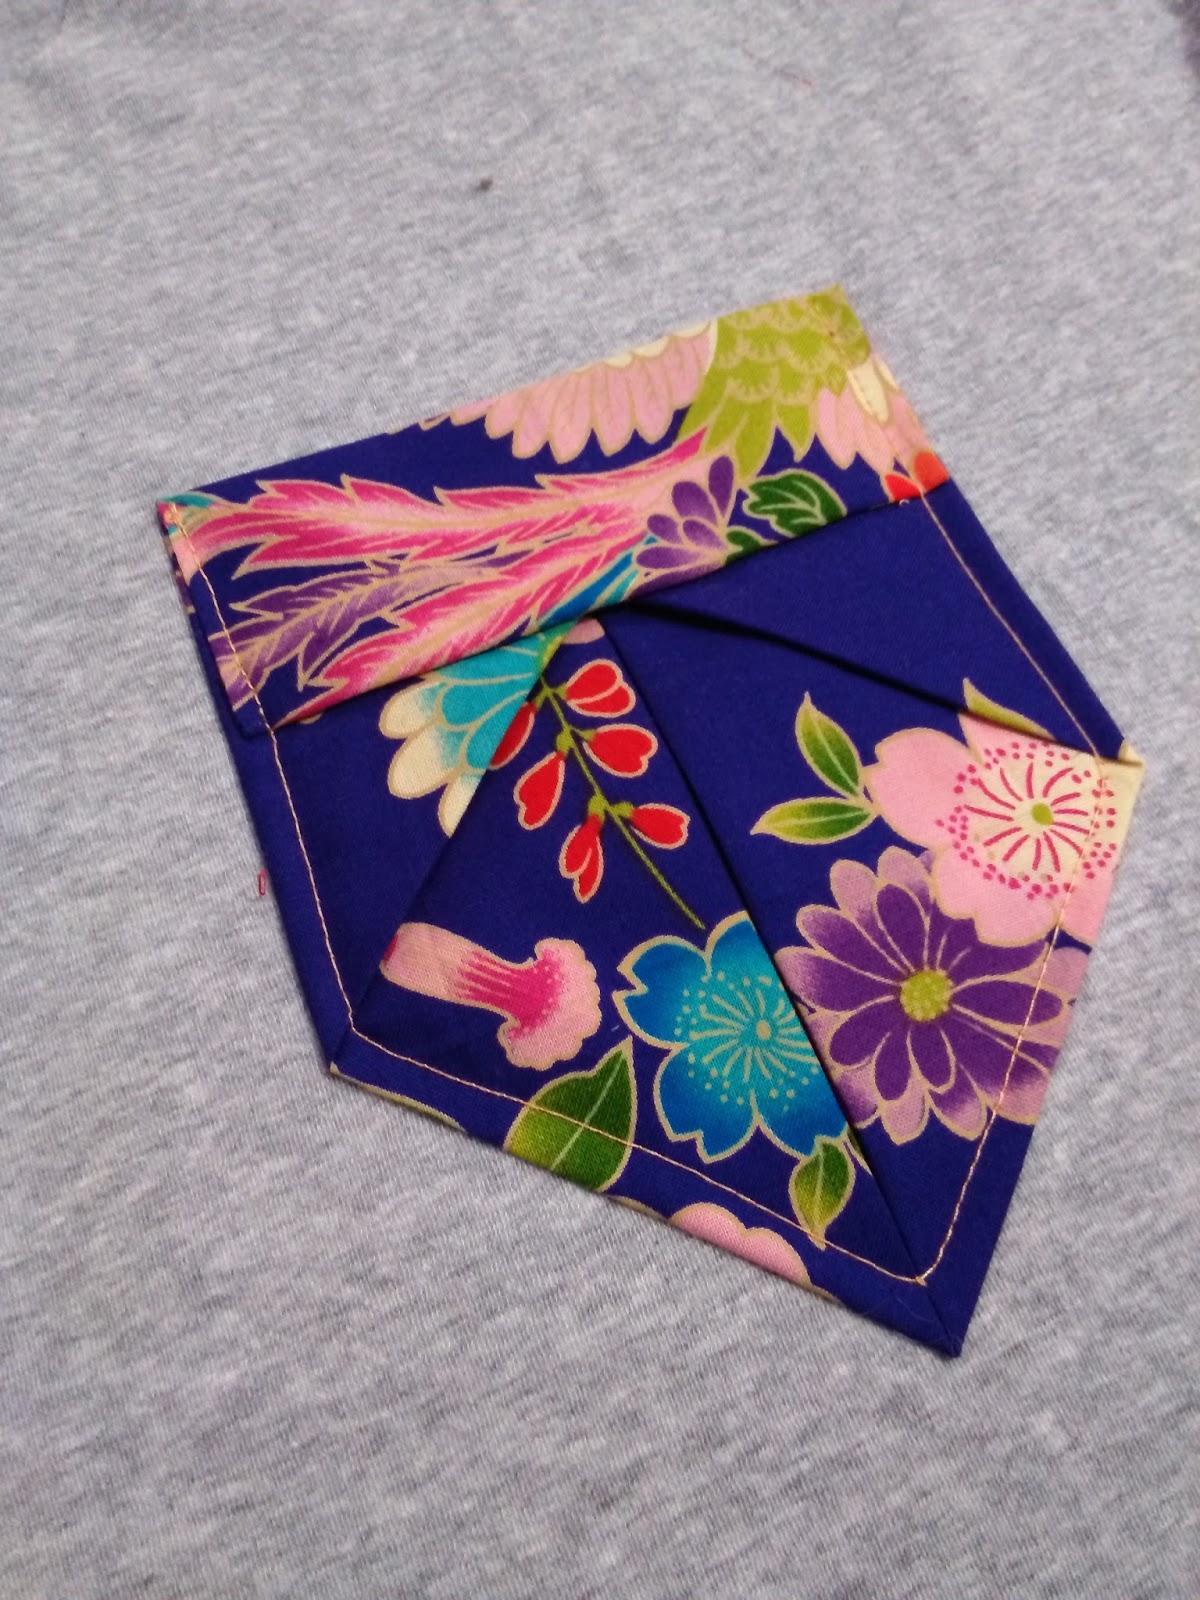 Pandielleando diy bolsillo origami en una camiseta nueva esta vez altavistaventures Image collections